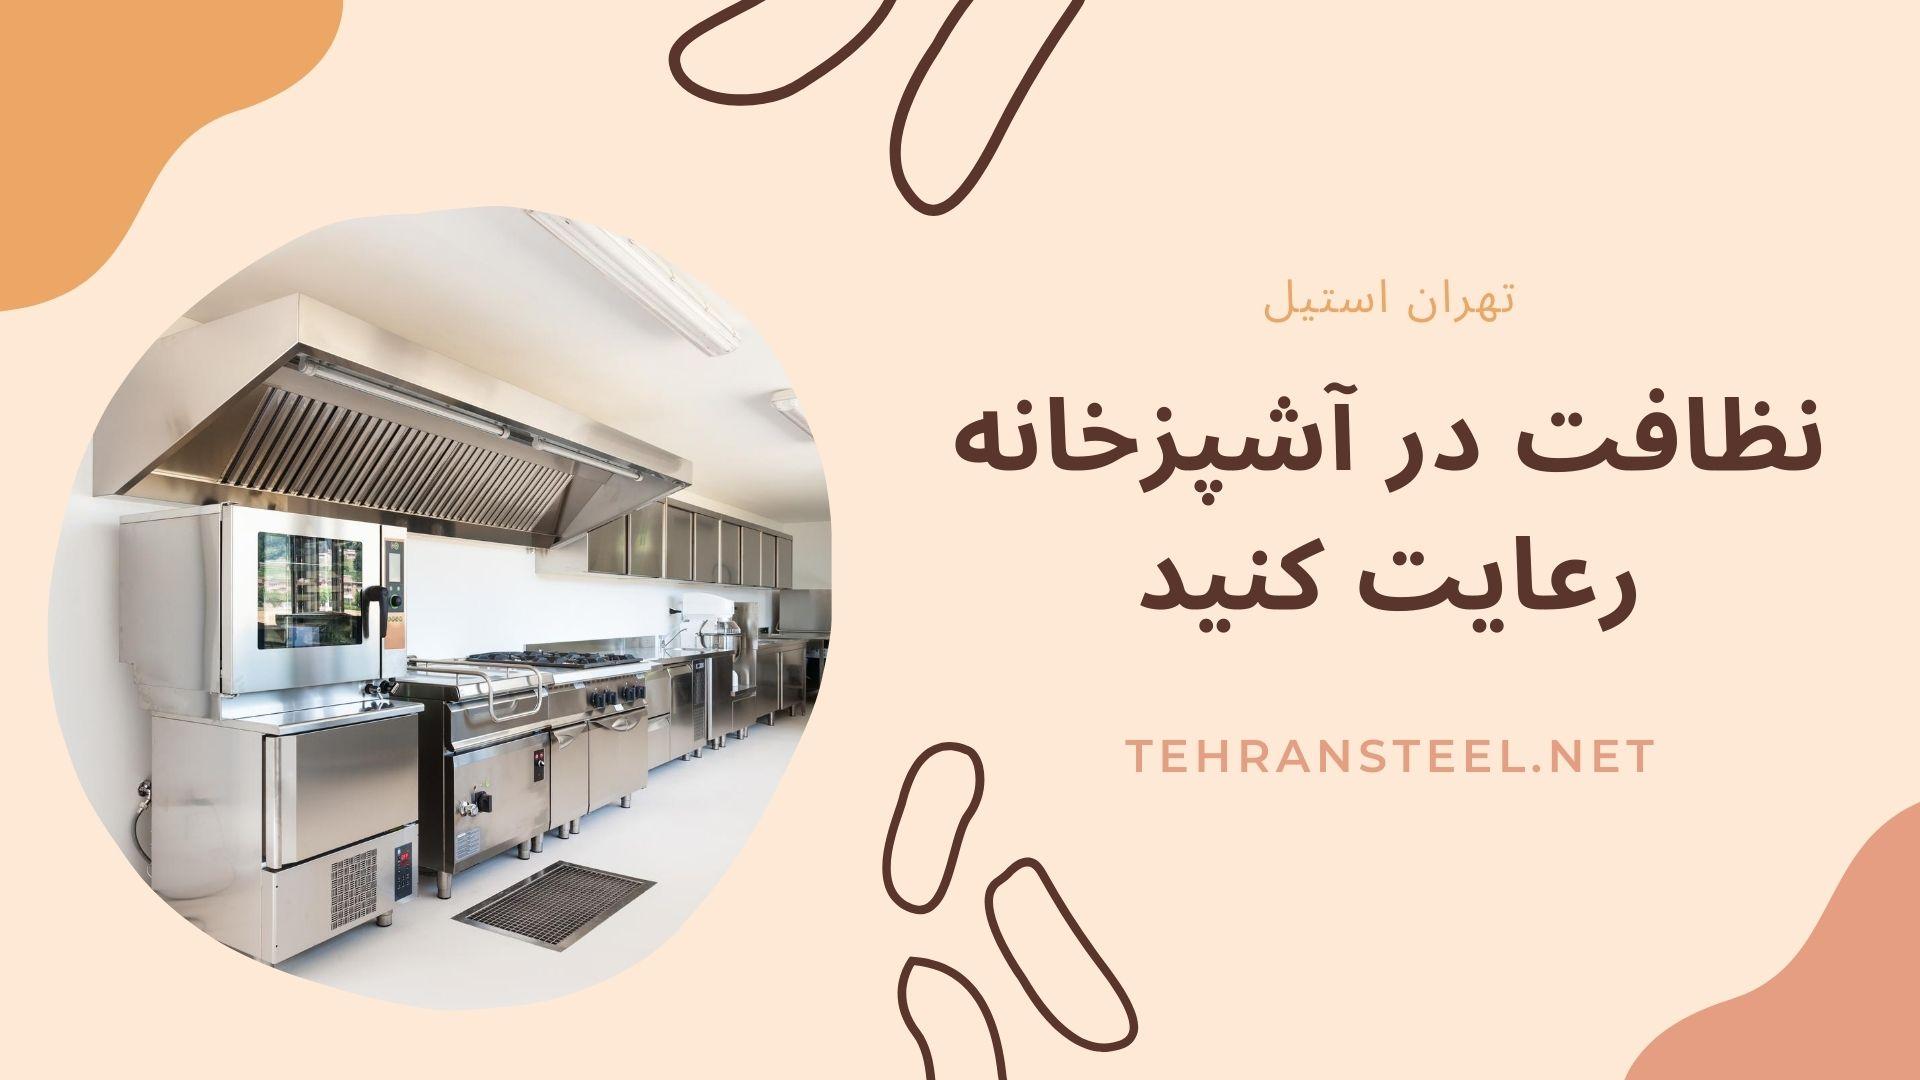 نظافت در آشپزخانه رعایت کنید